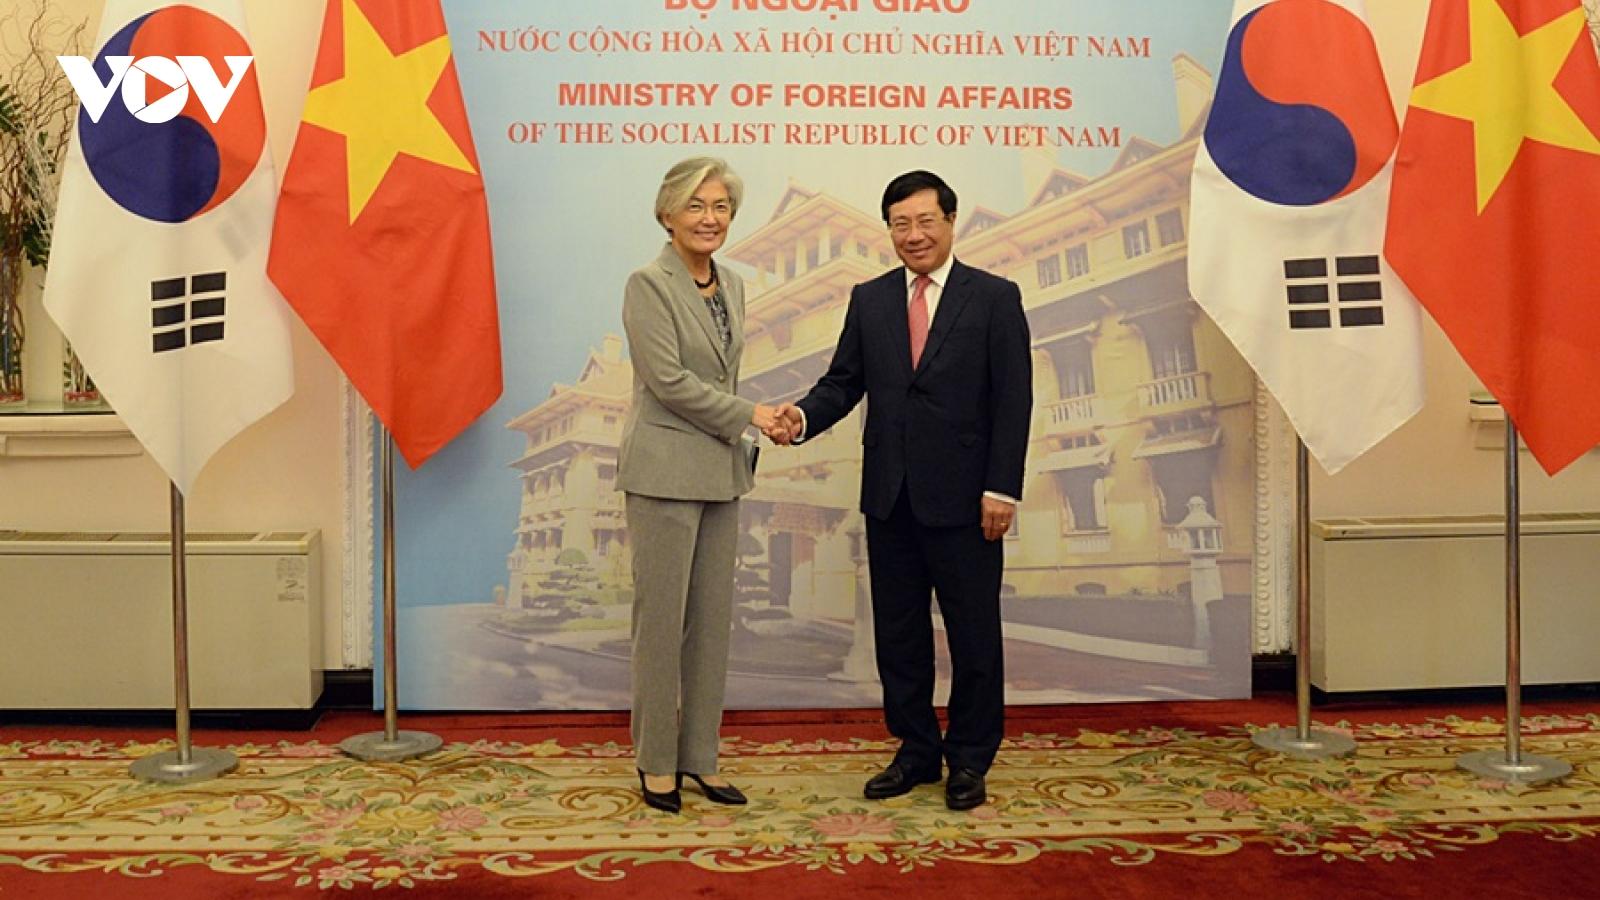 Phó Thủ tướng-Bộ trưởng Ngoại giao Việt Nam hội đàm với Ngoại trưởng Hàn Quốc